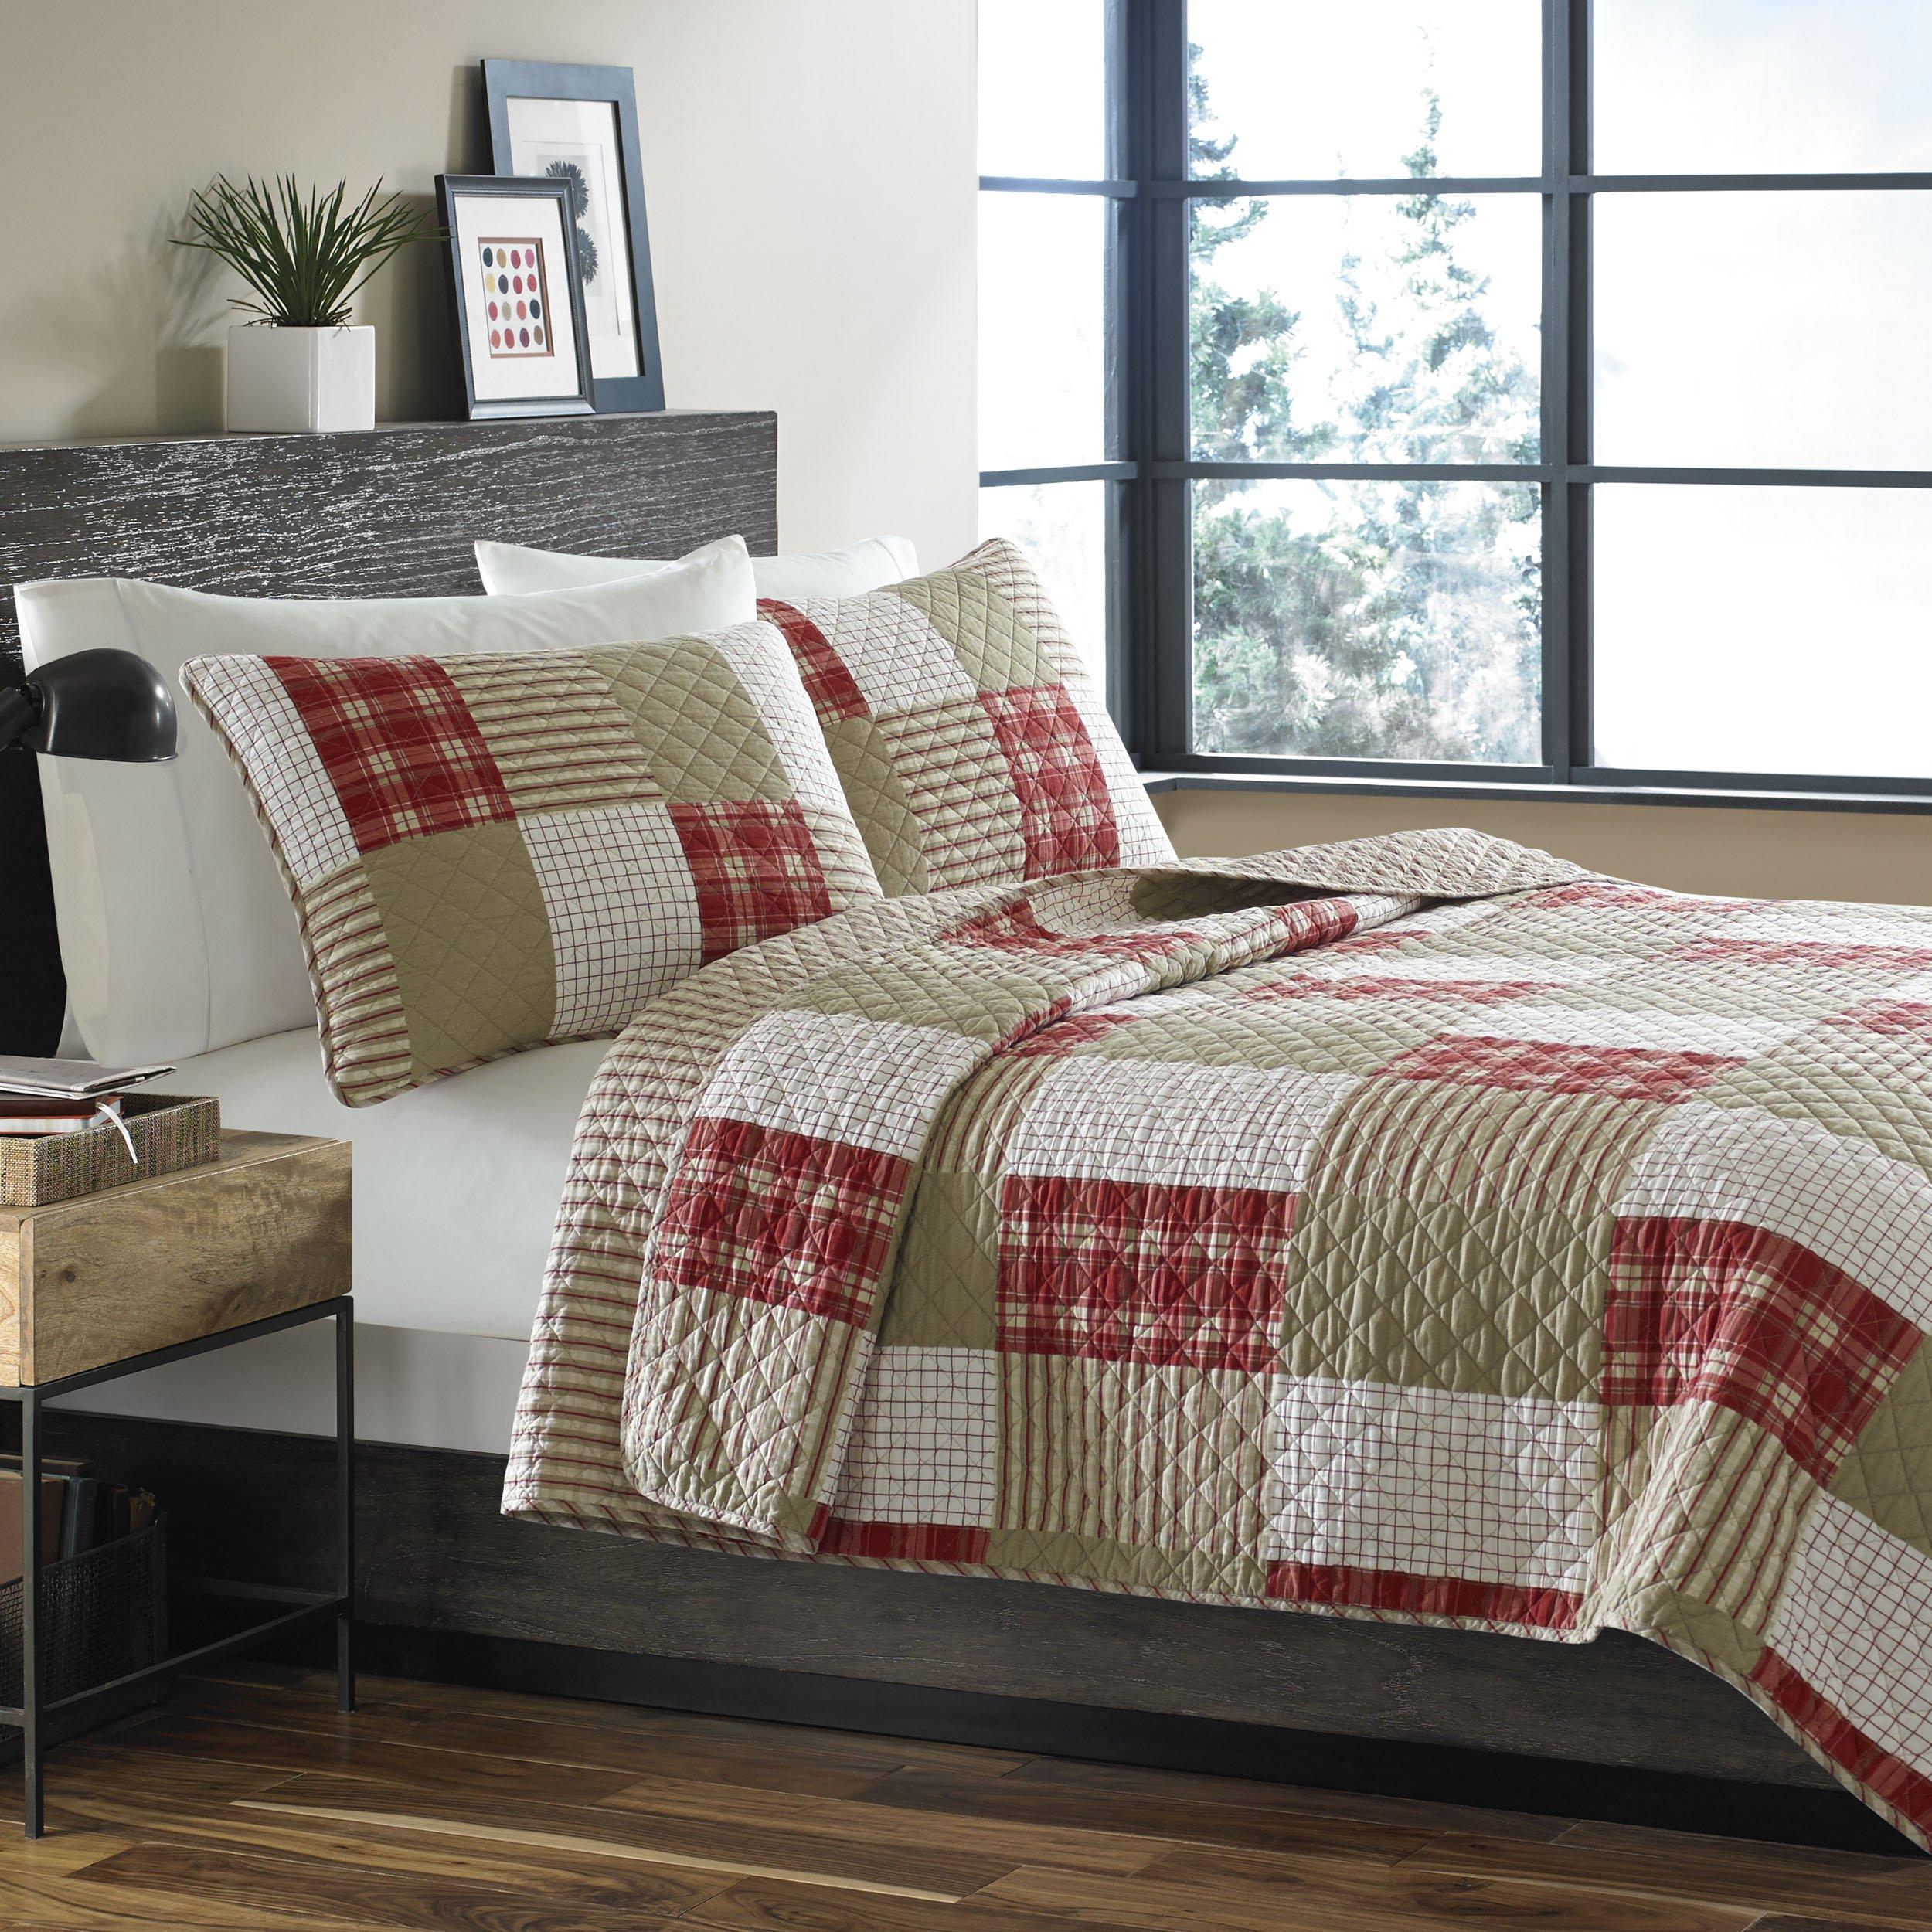 Eddie Bauer Cotton Quilt Set, Camino Island, King